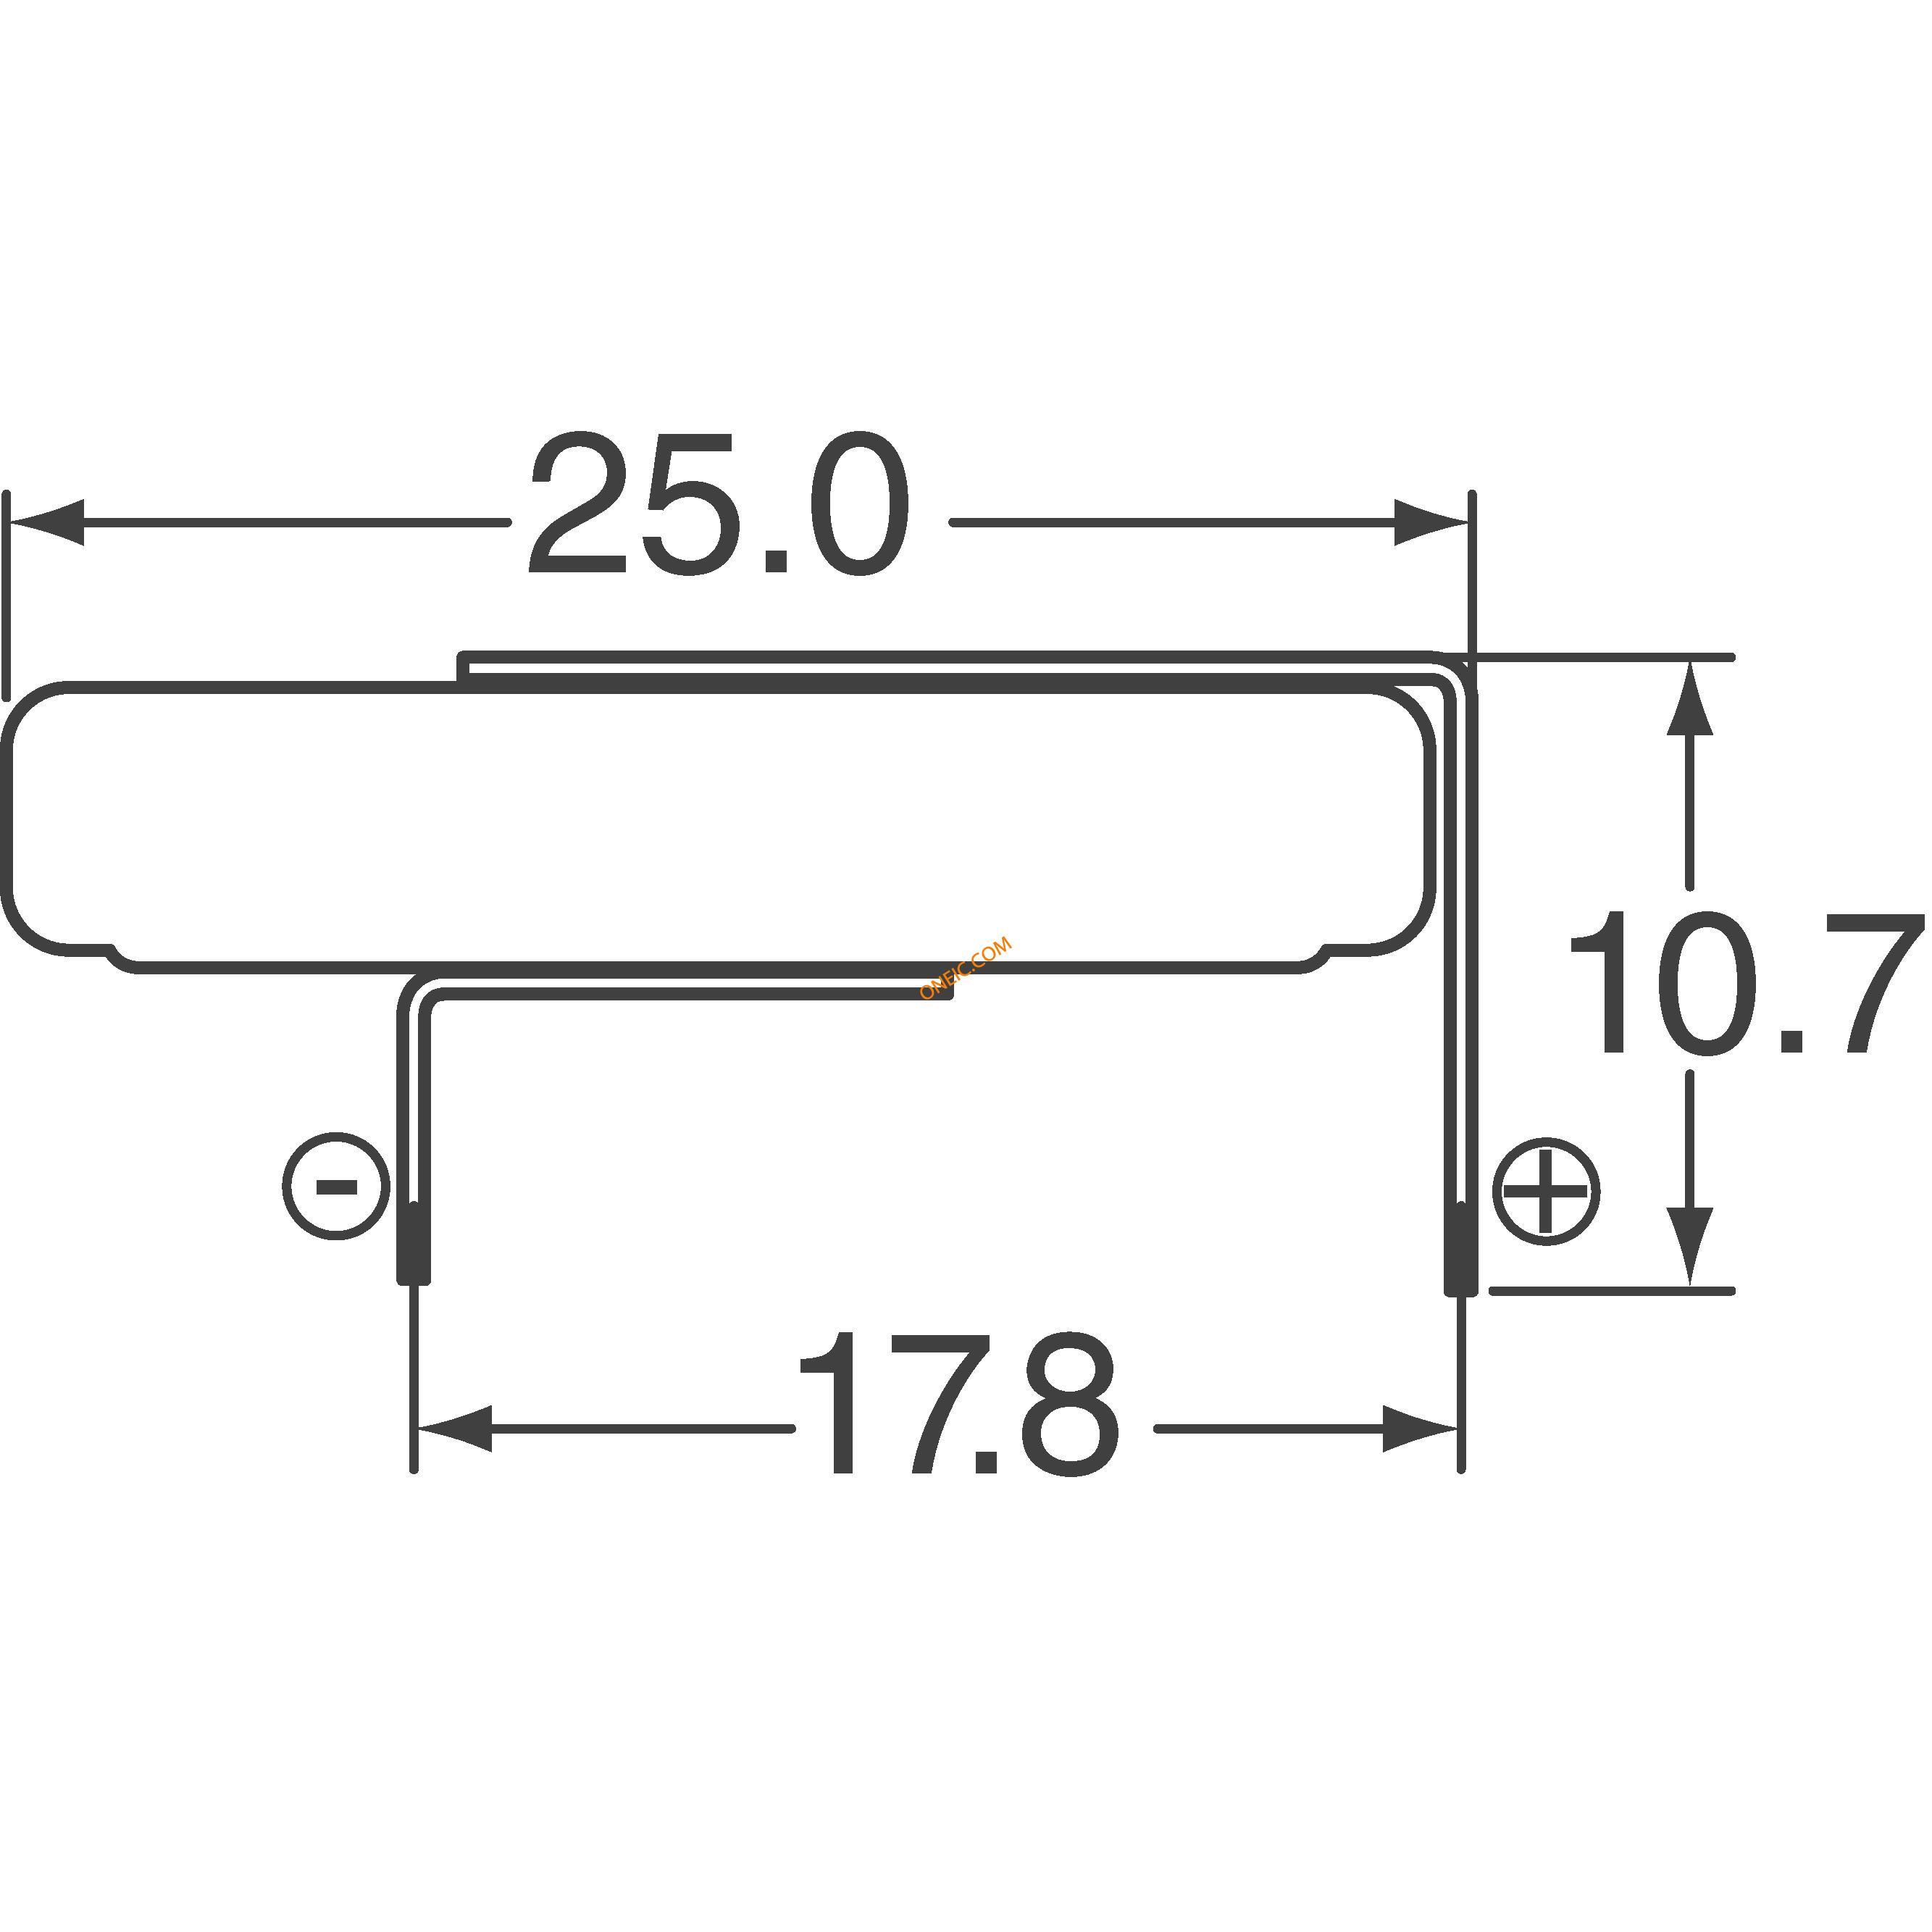 电池 非充电电池 cr-2450/g1an  厂商型号 产品描述  coin lithium